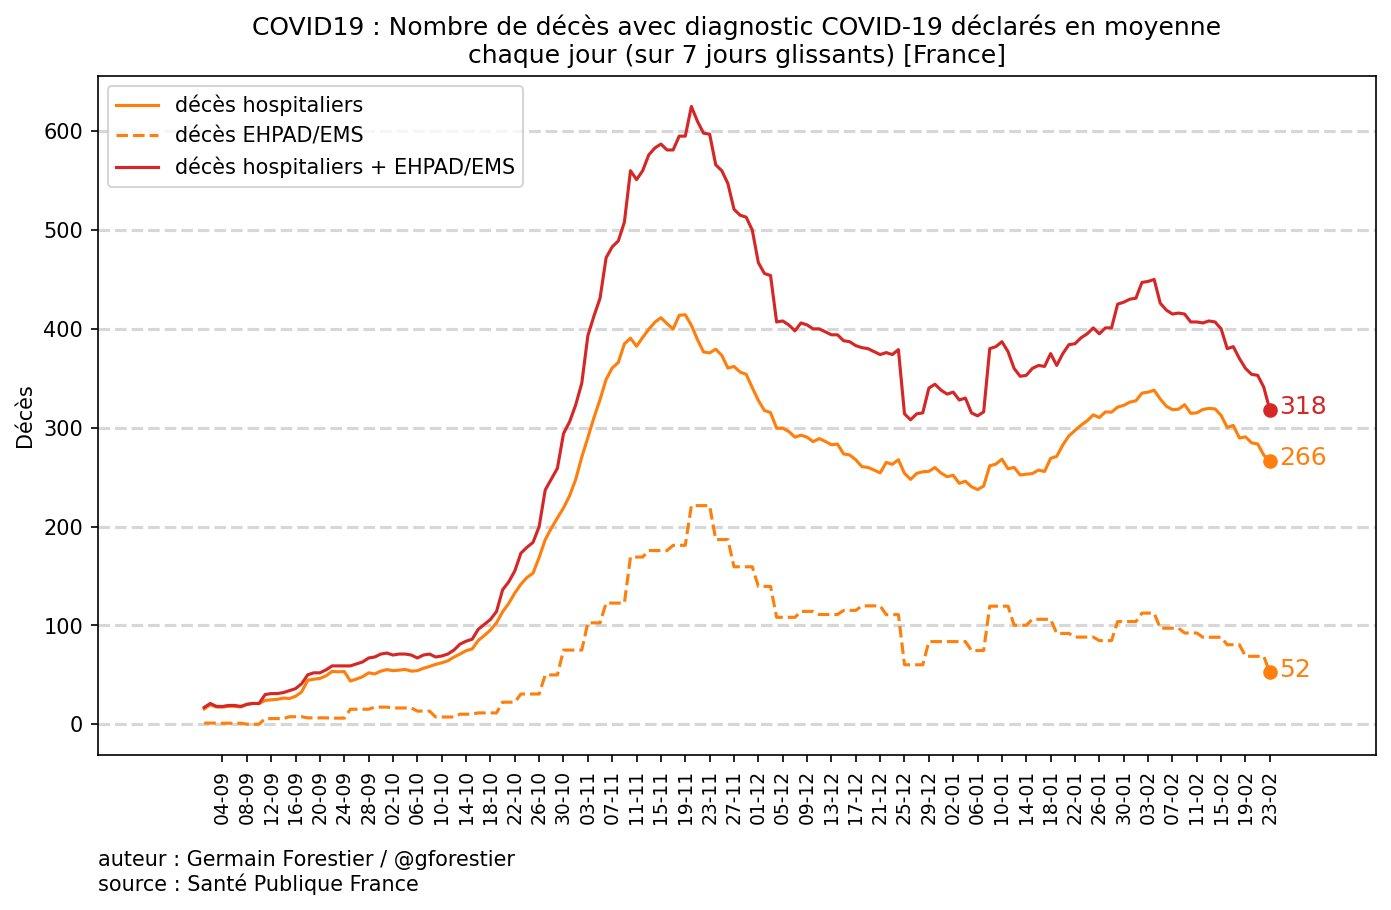 Le coronavirus COVID-19 - Infos, évolution et conséquences - Page 37 Eu72JzNXYAQt7Uh?format=jpg&name=large